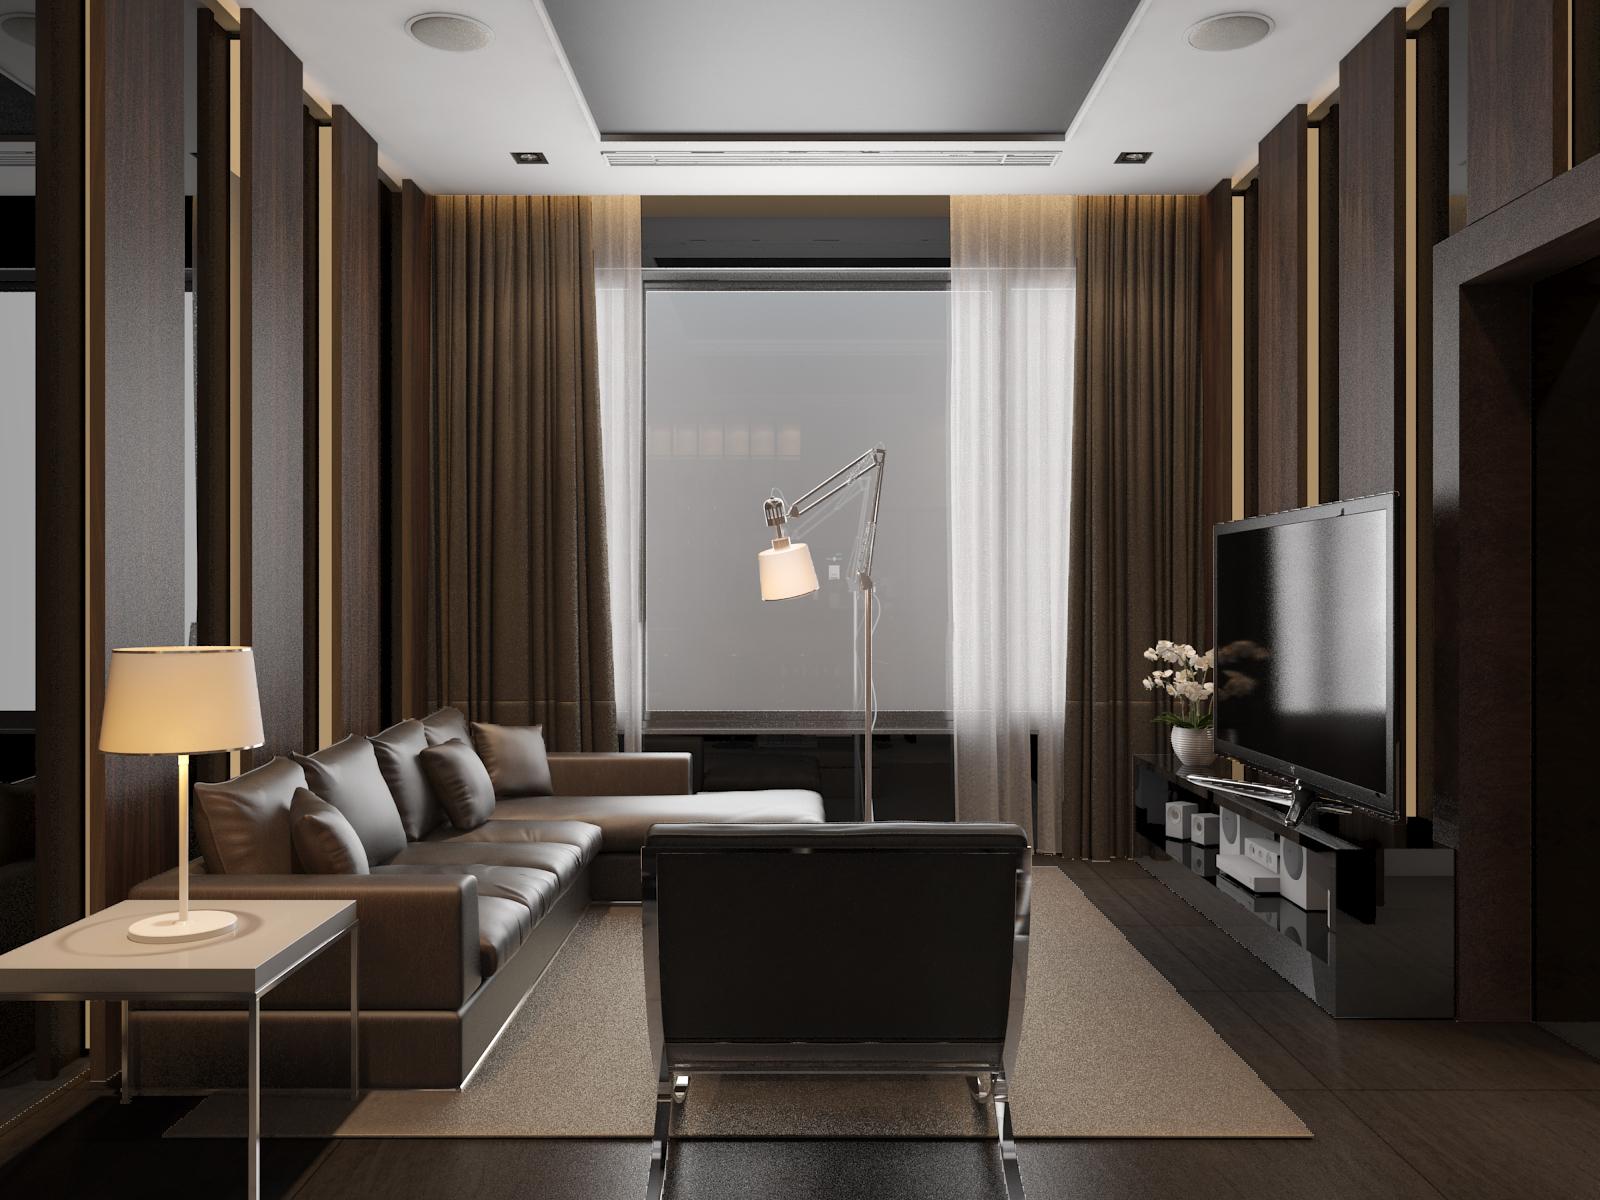 thiết kế nội thất Biệt Thự tại Hà Nội bt Vinhomes - riverside 58 1568085380